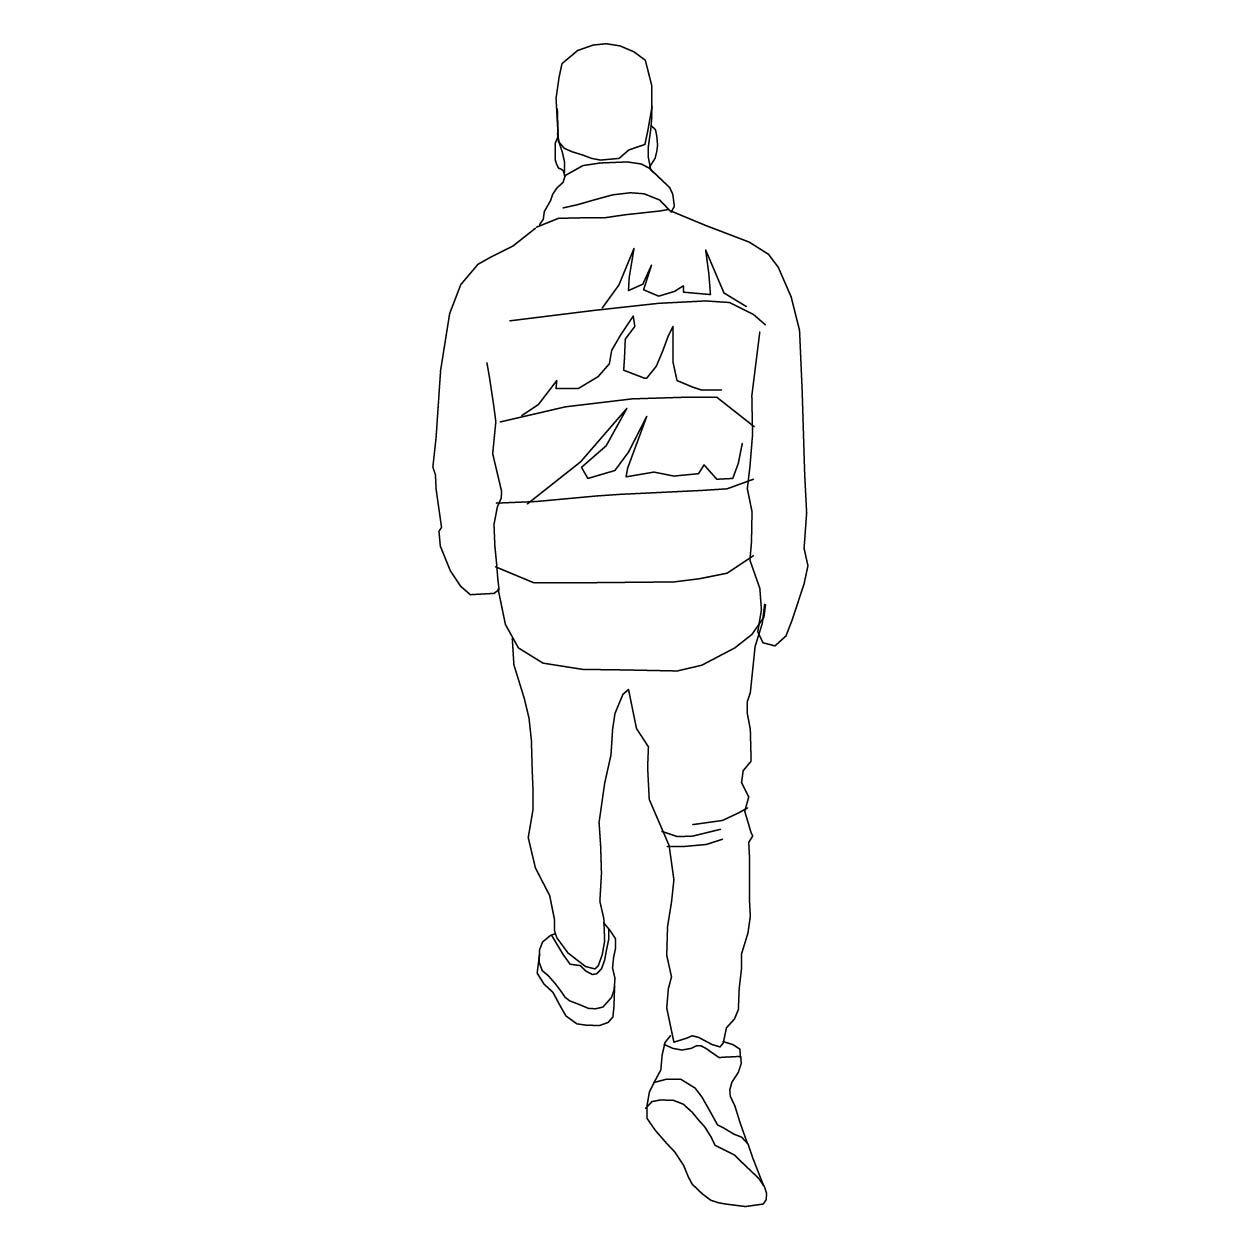 Walking Rear View Line Art Drawings Drawing People People Figures